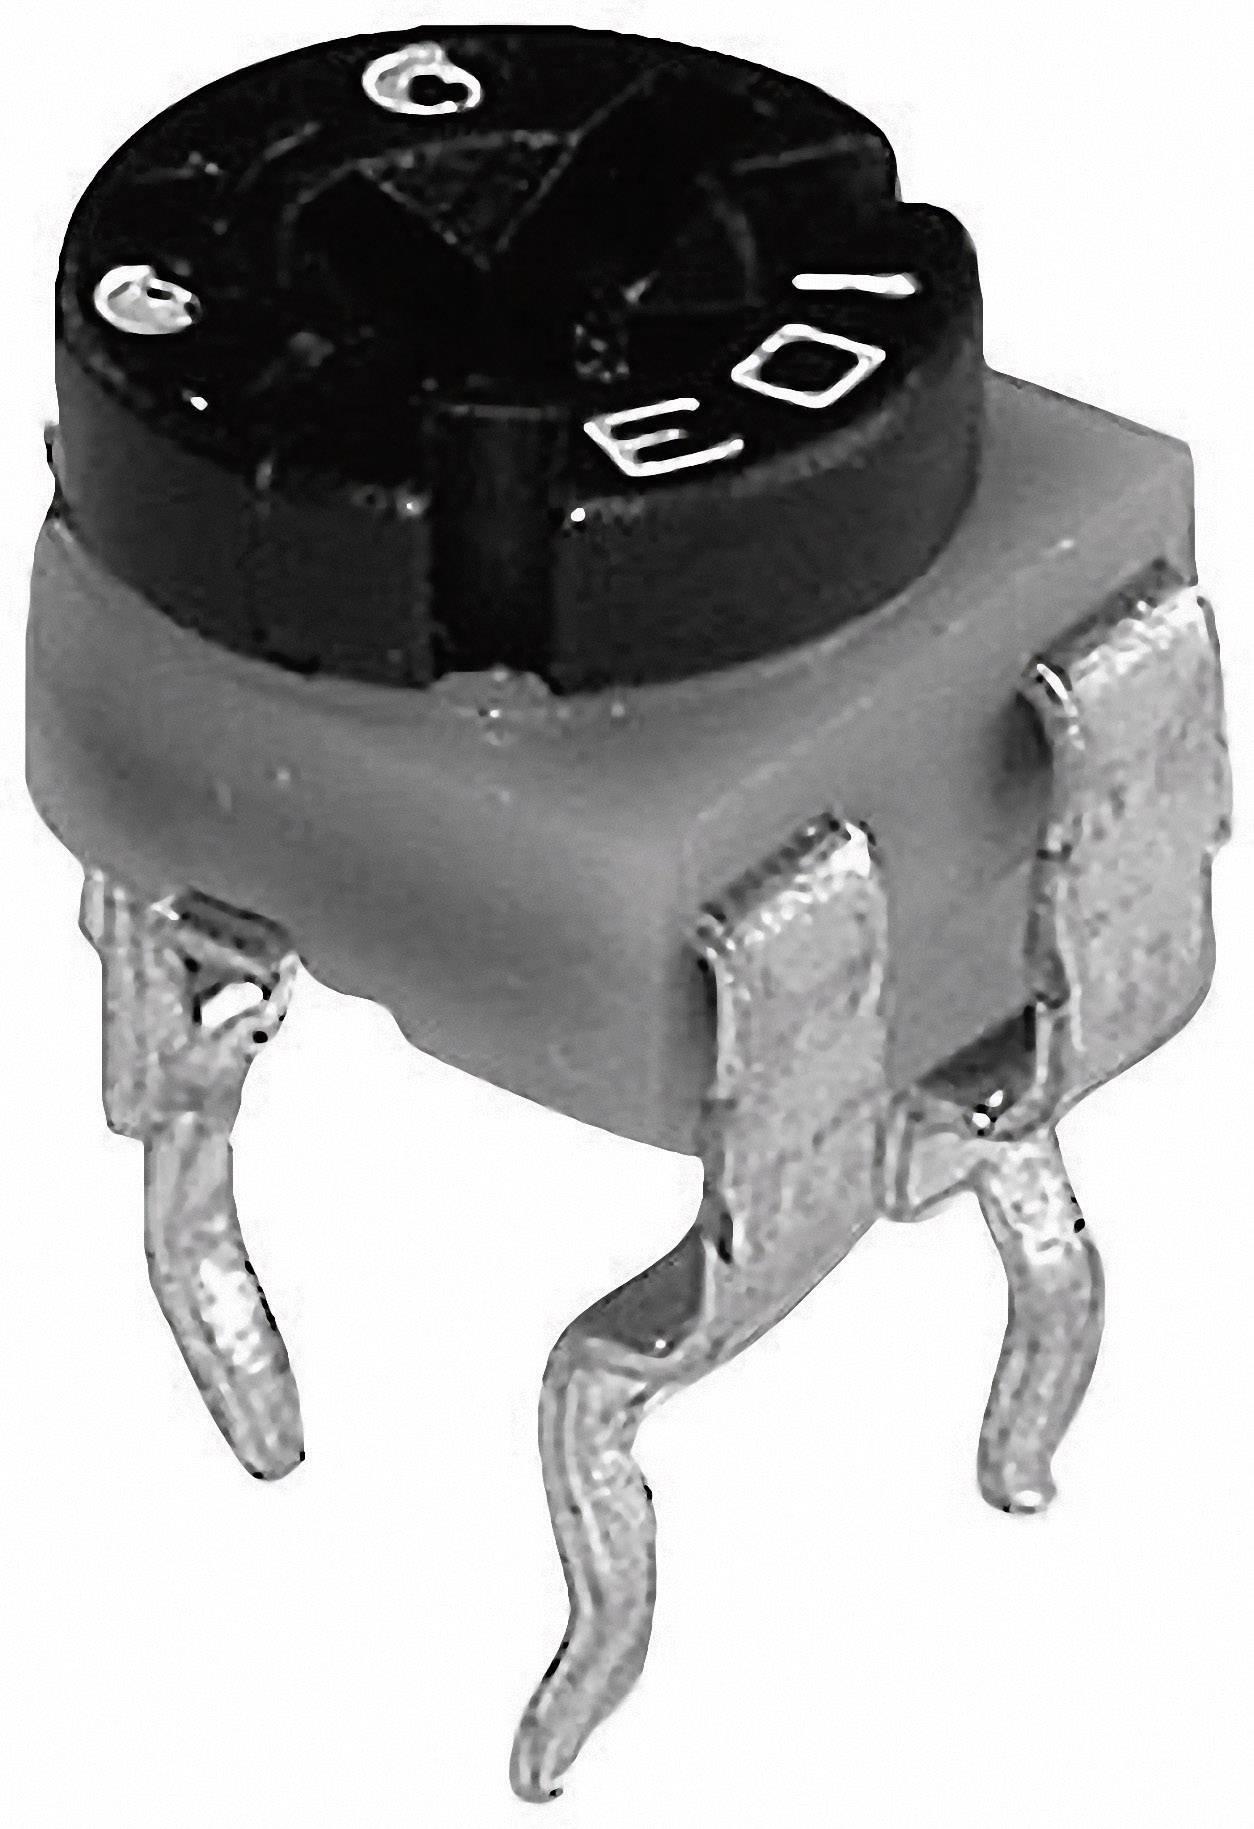 Uhlíkový trimer TT Electronics AB 601030, lineárny, 10 kOhm, 0.1 W, 1 ks